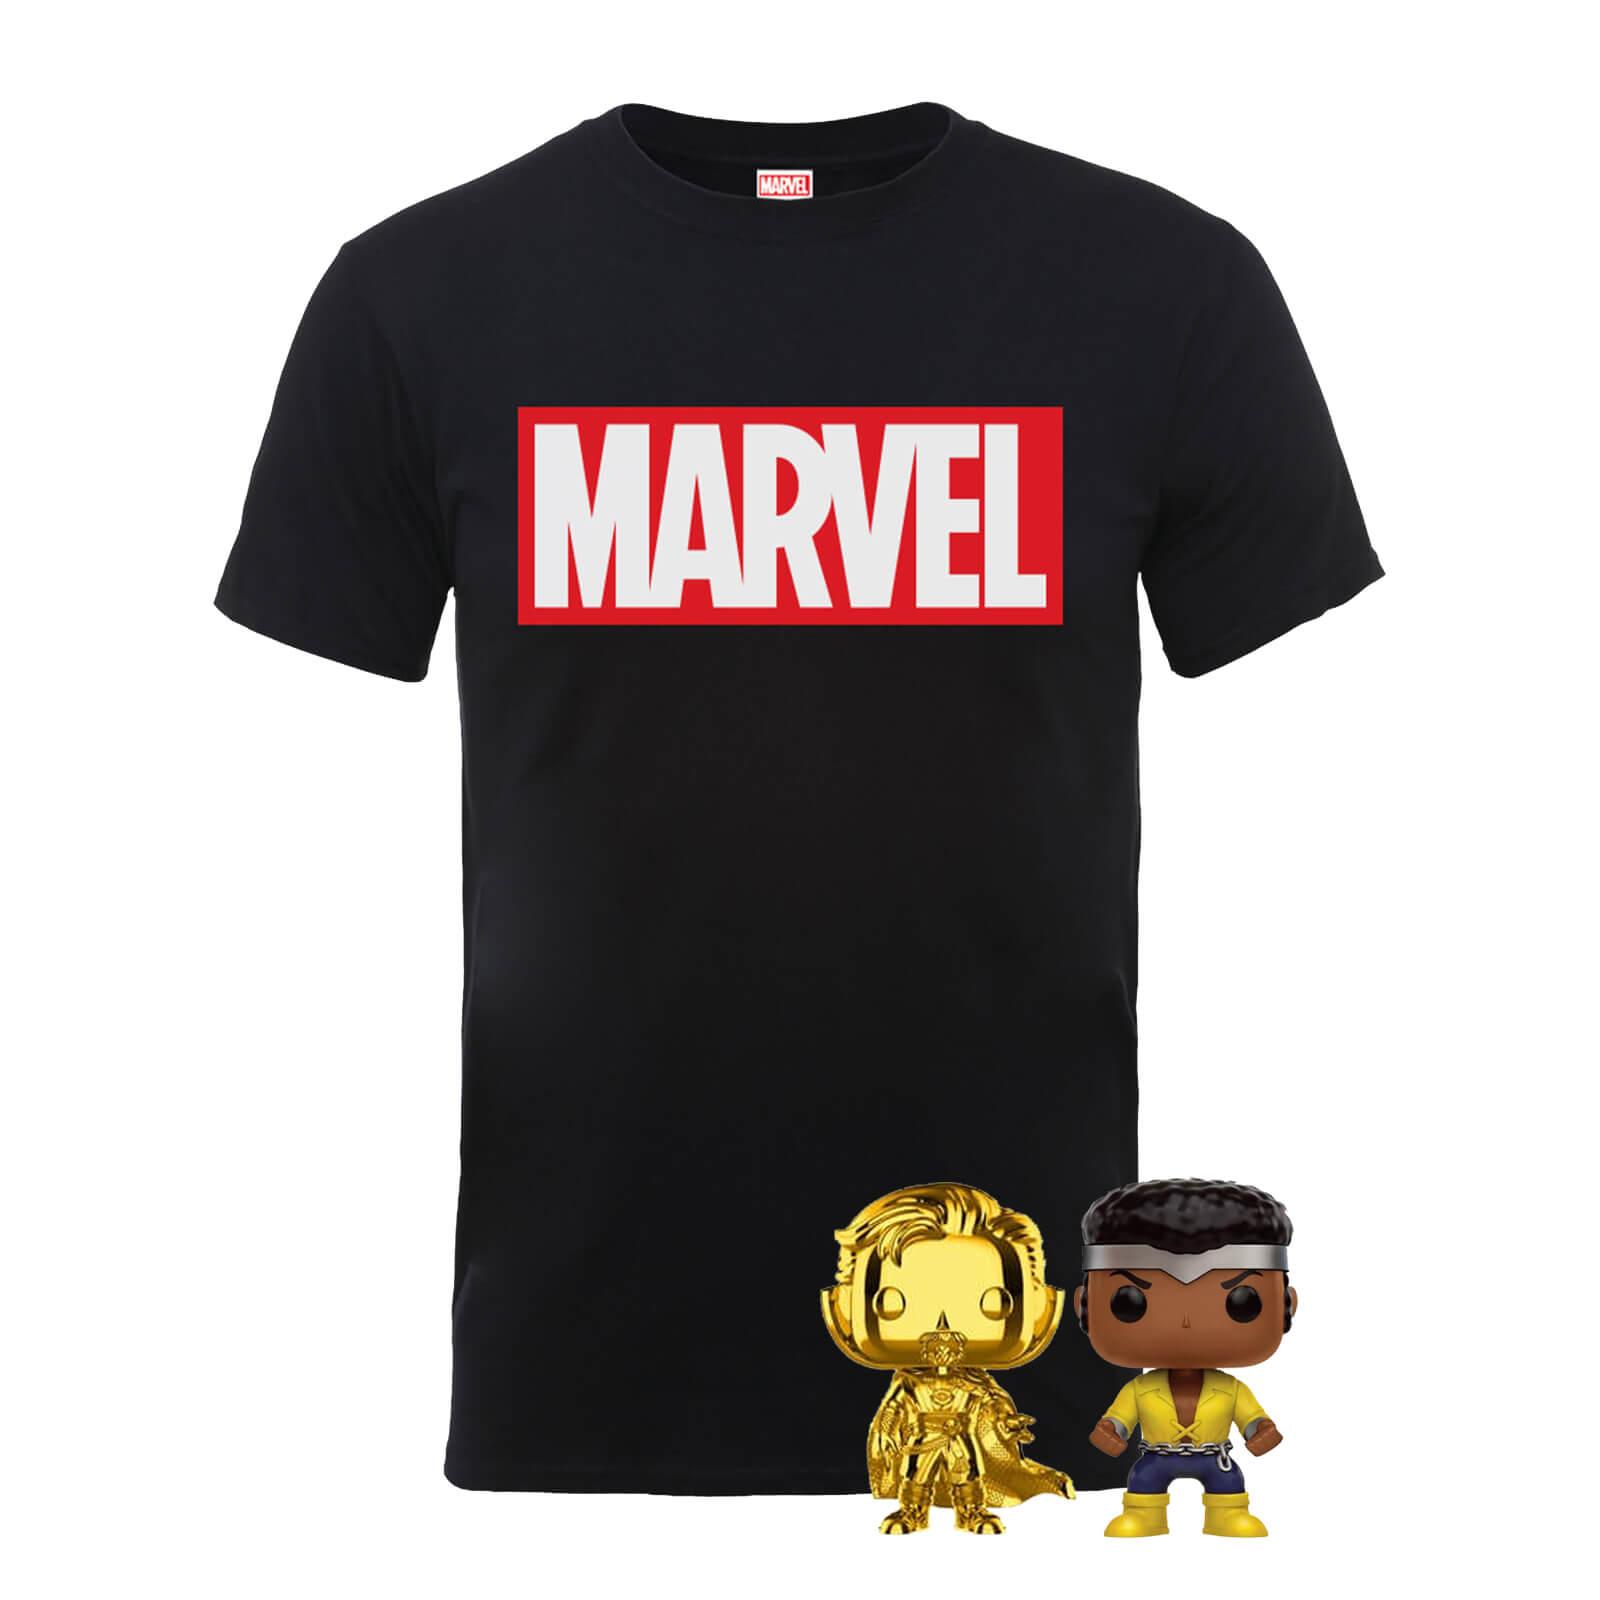 MARVEL T-Shirt & 2 Funko Pops Bundle für Herren, Damen, Kinder